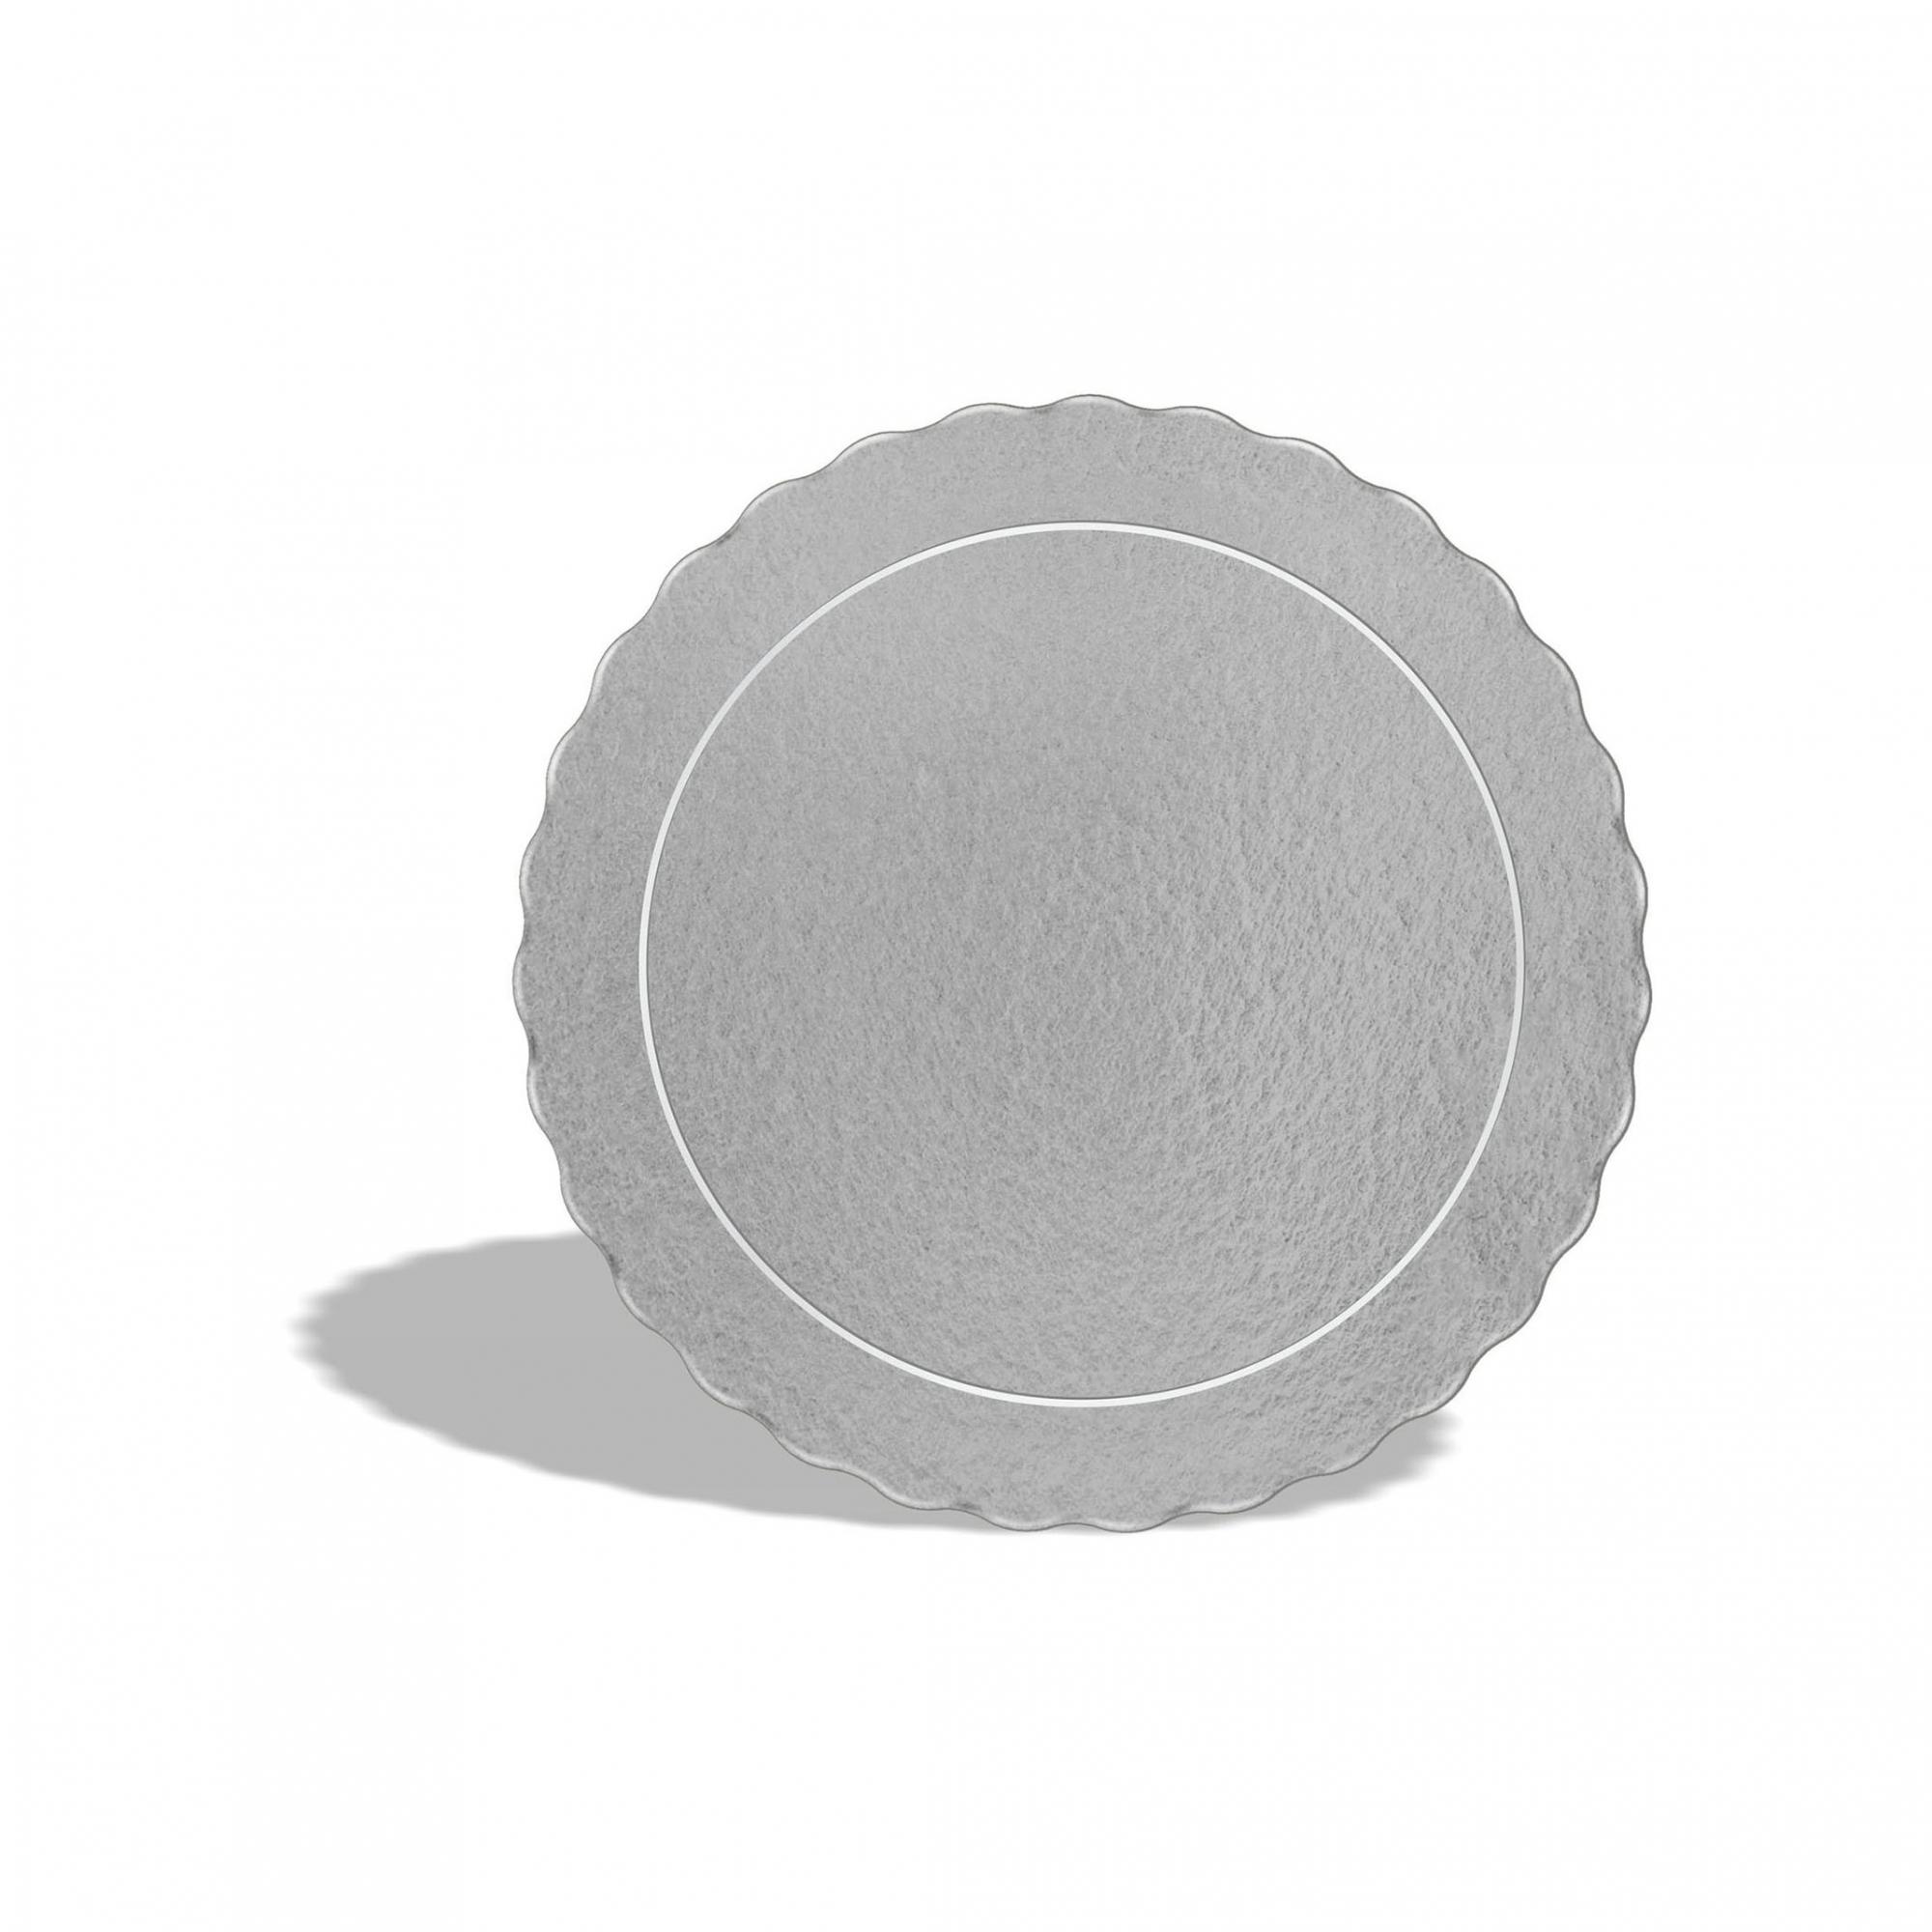 20 Bases Laminadas Para Bolo Redondo, Cake Board 24 cm - Prata